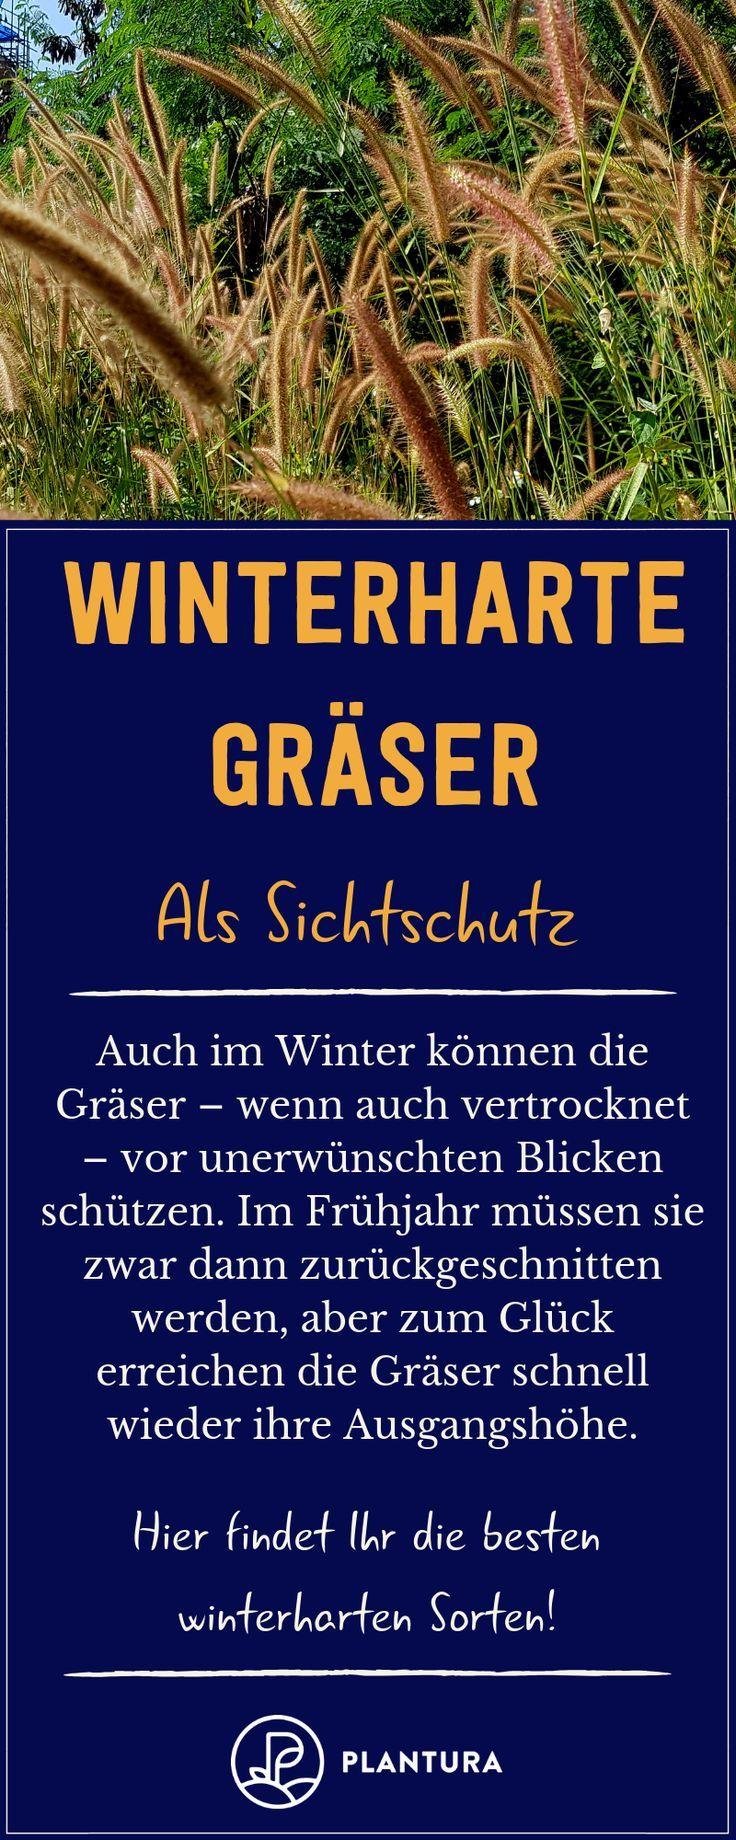 Winterharte Graser Als Sichtschutz Auch Im Winter Schutzen Graser